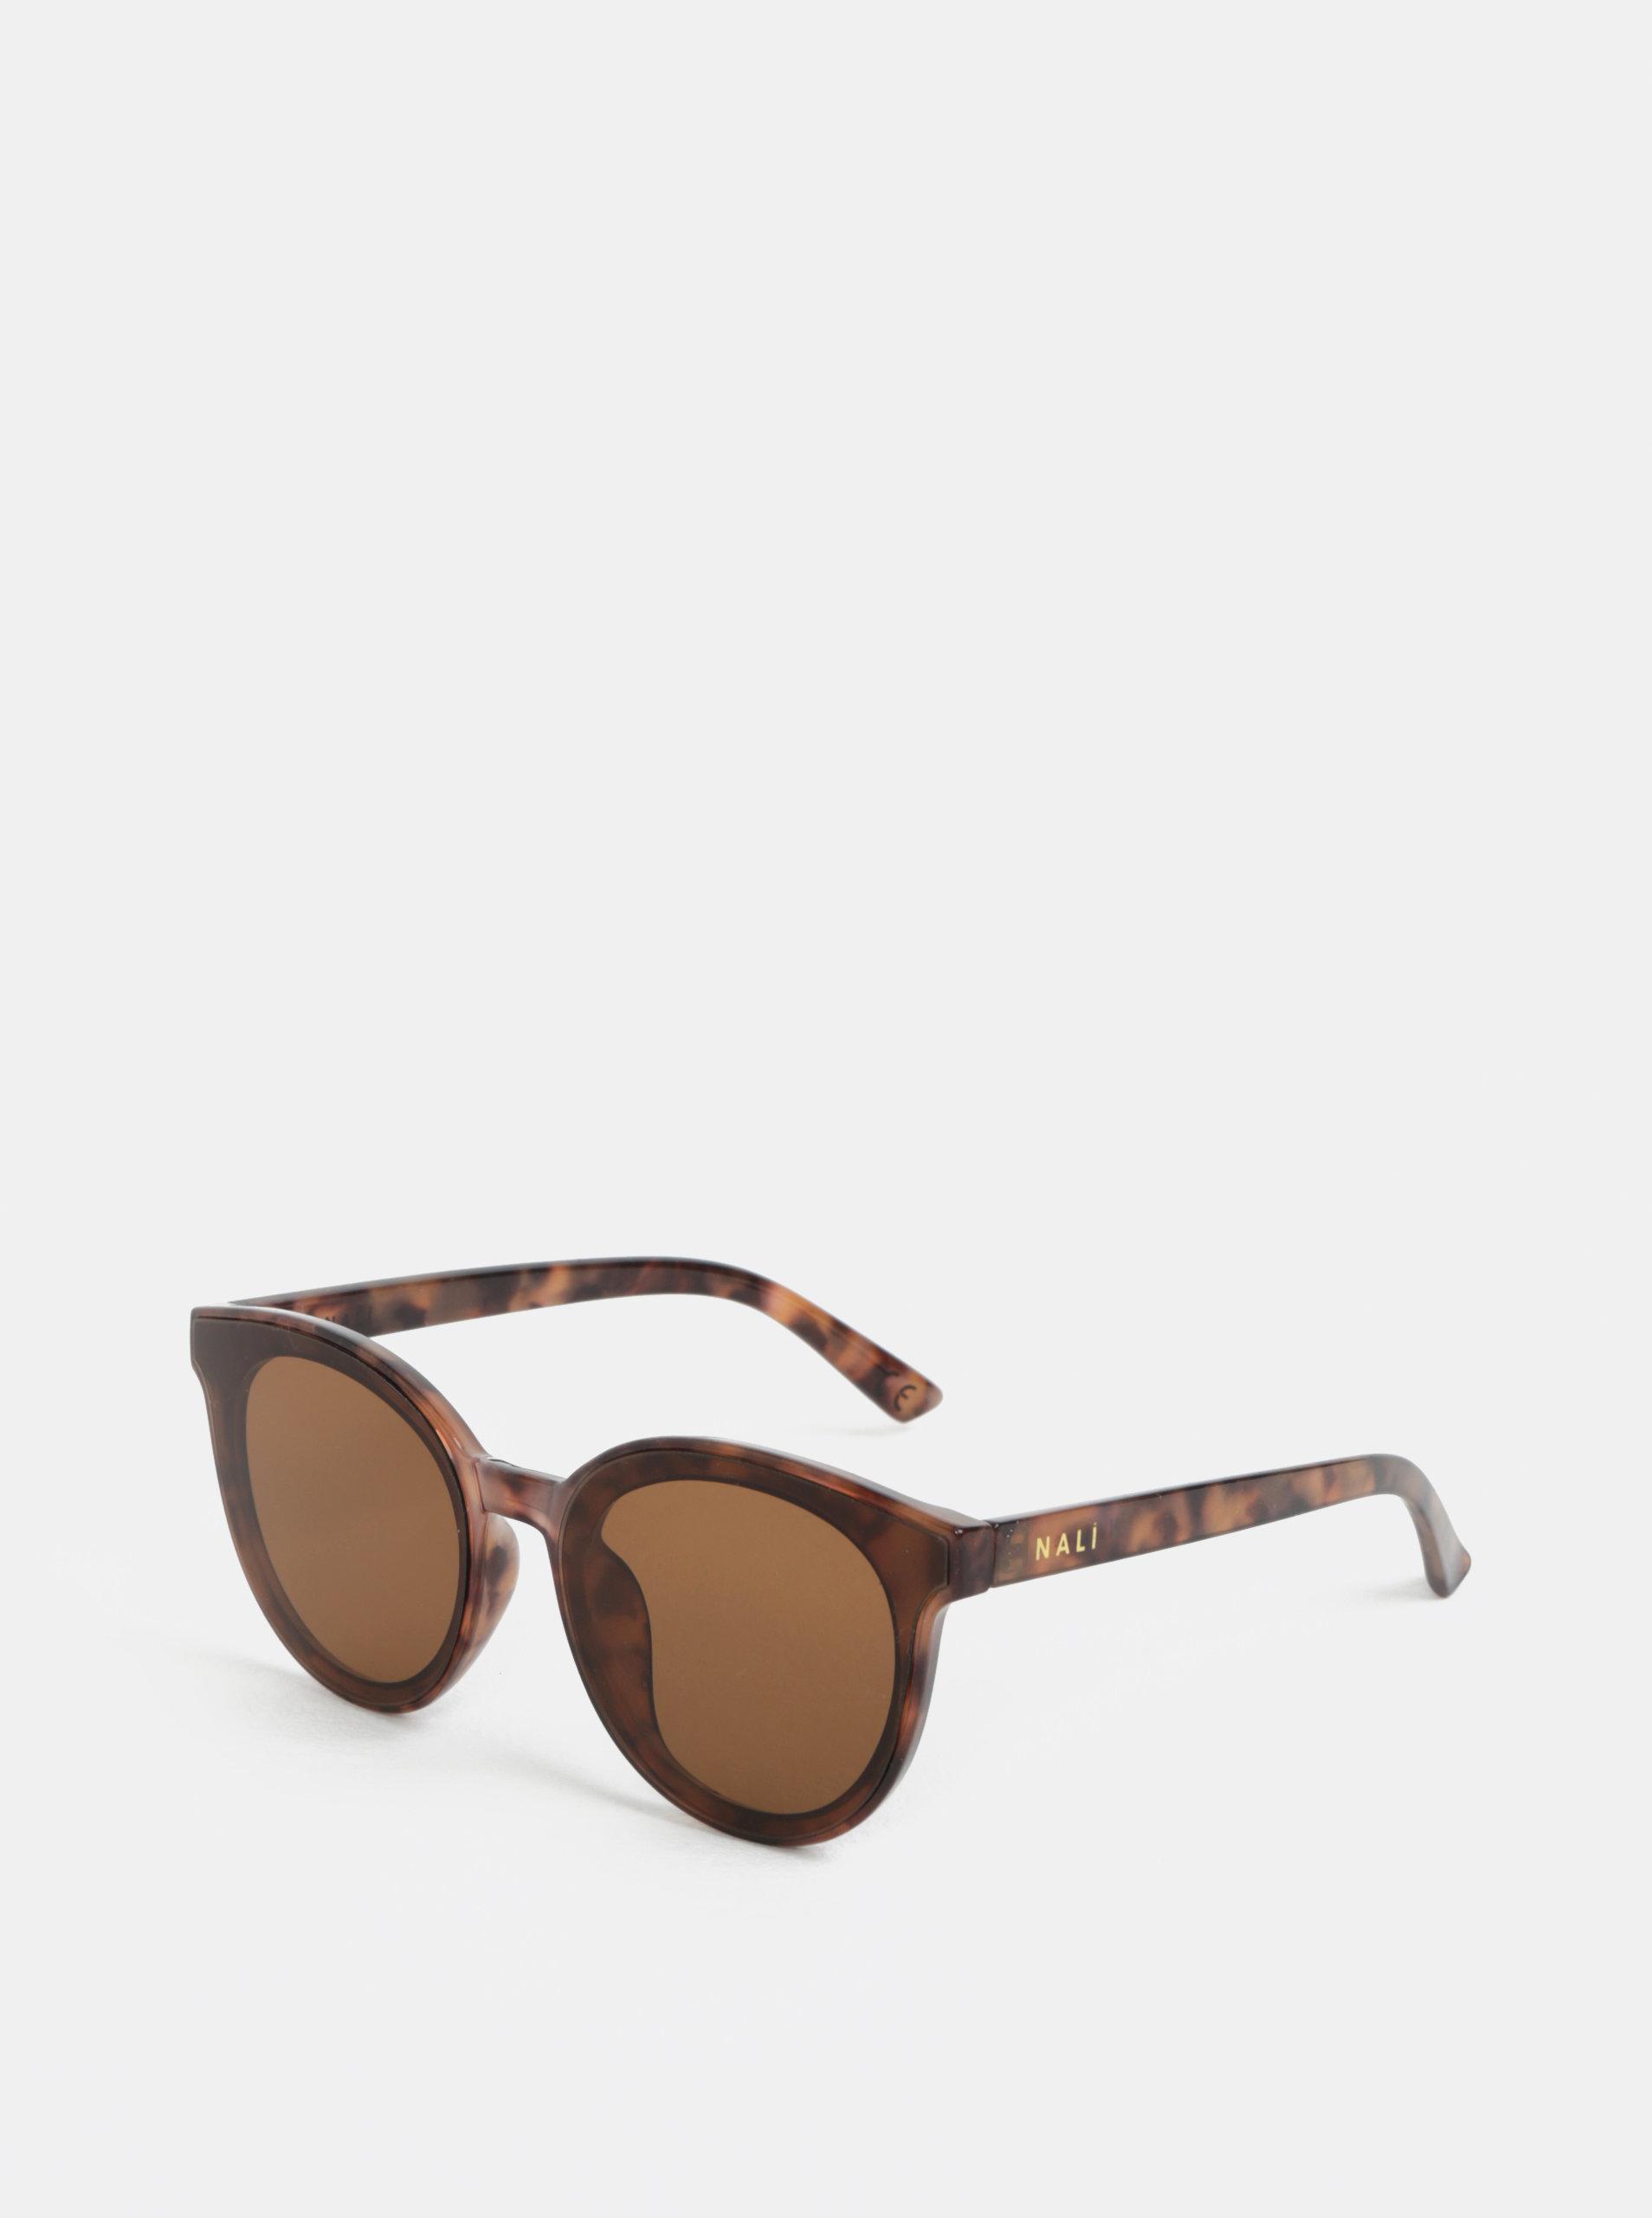 Hnědé vzorované sluneční brýle Nalí